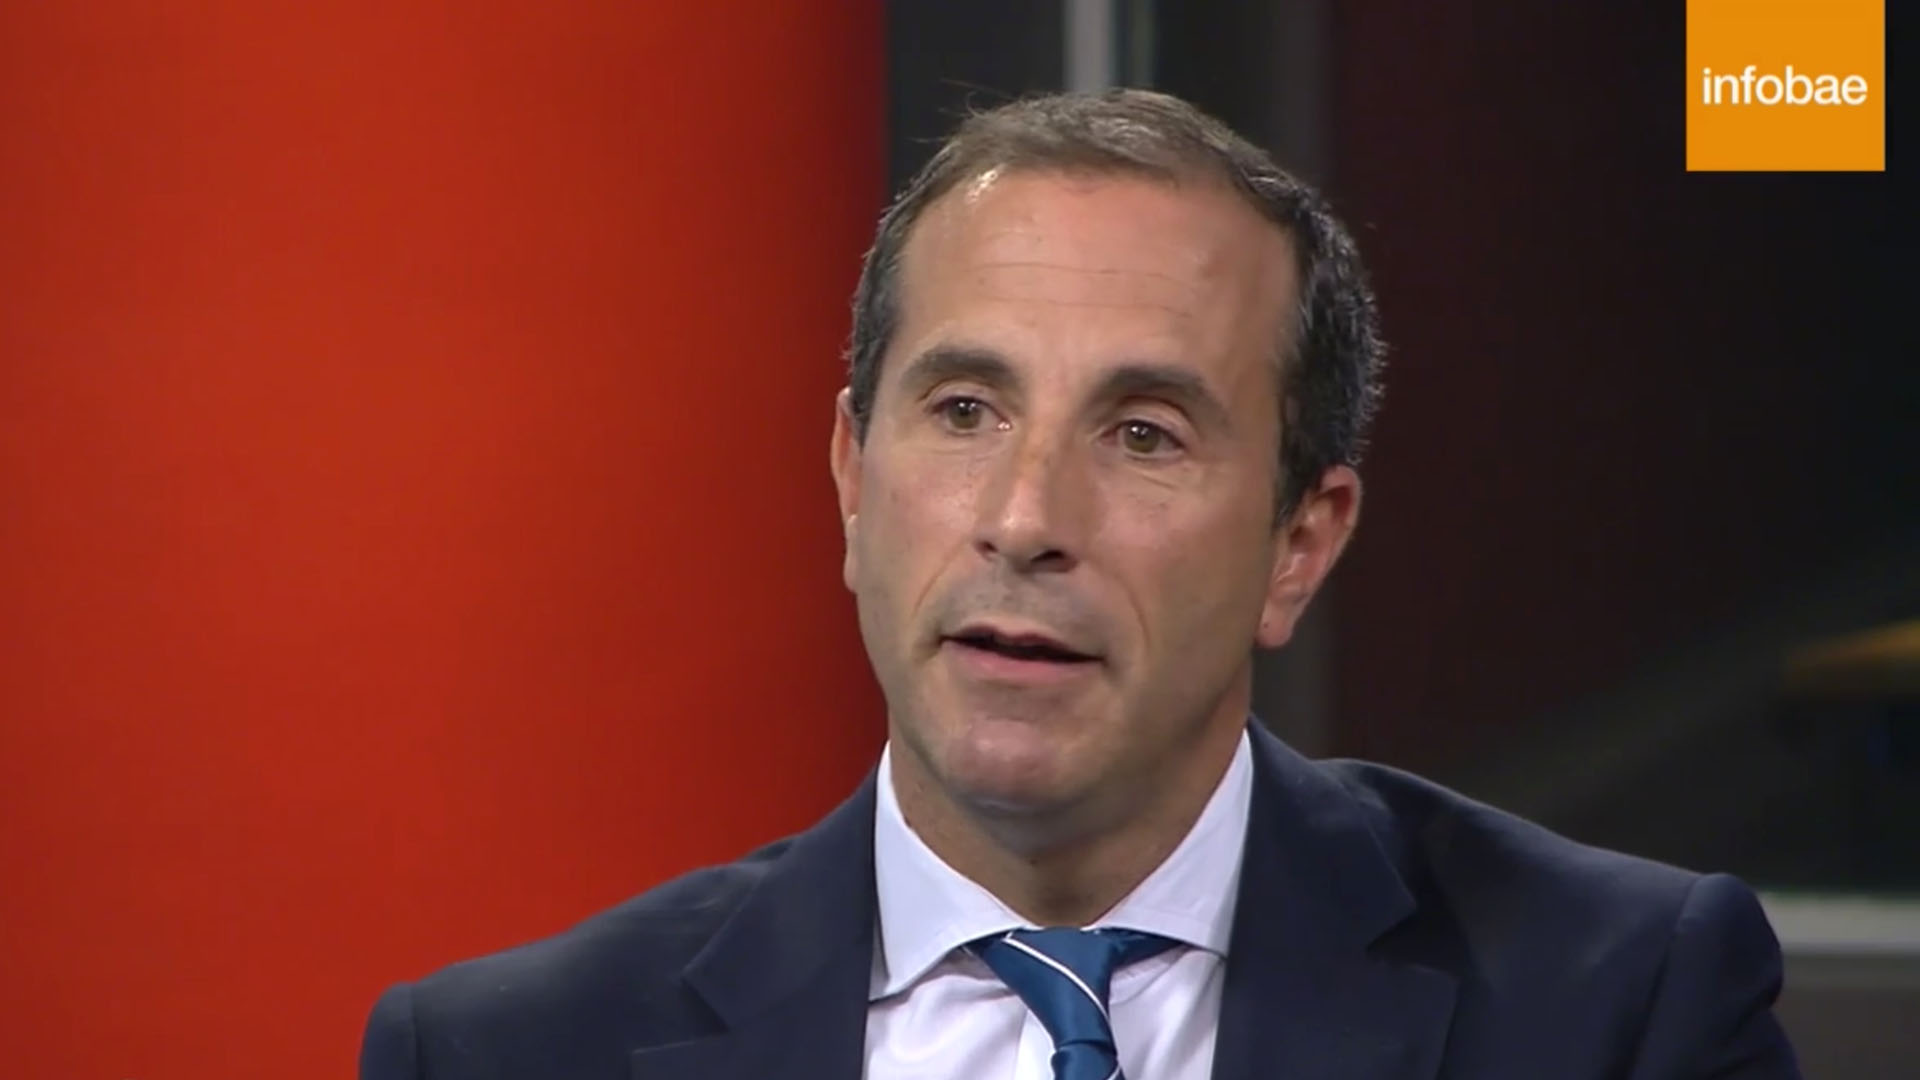 El juez Jorge Gorini, presidente del Tribunal Oral Federal 2